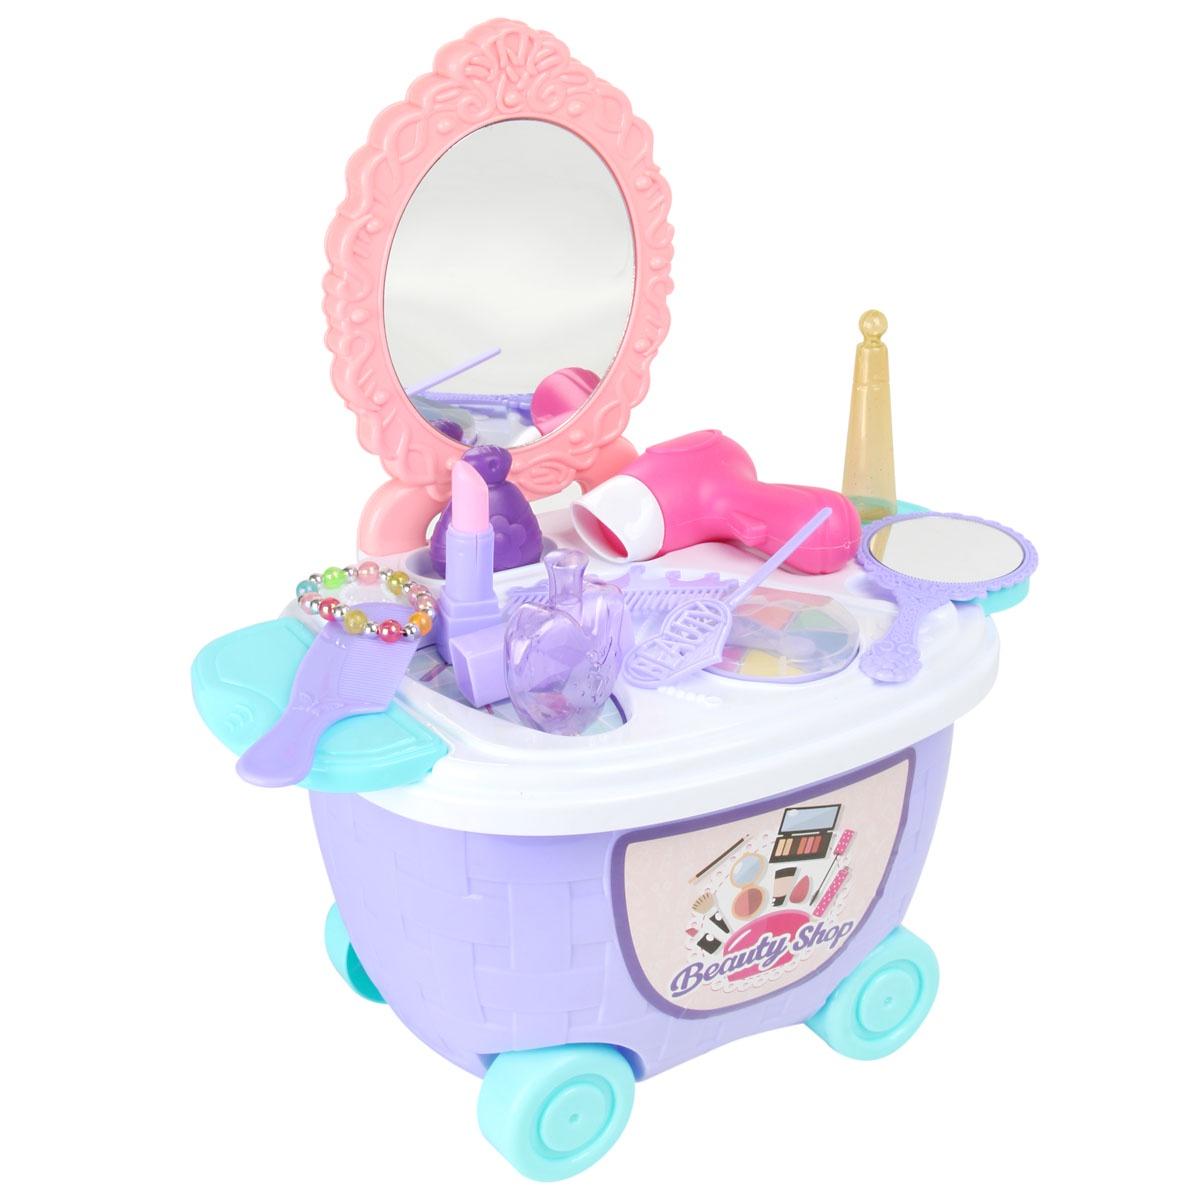 Сюжетно-ролевые игрушки Veld Co 82190